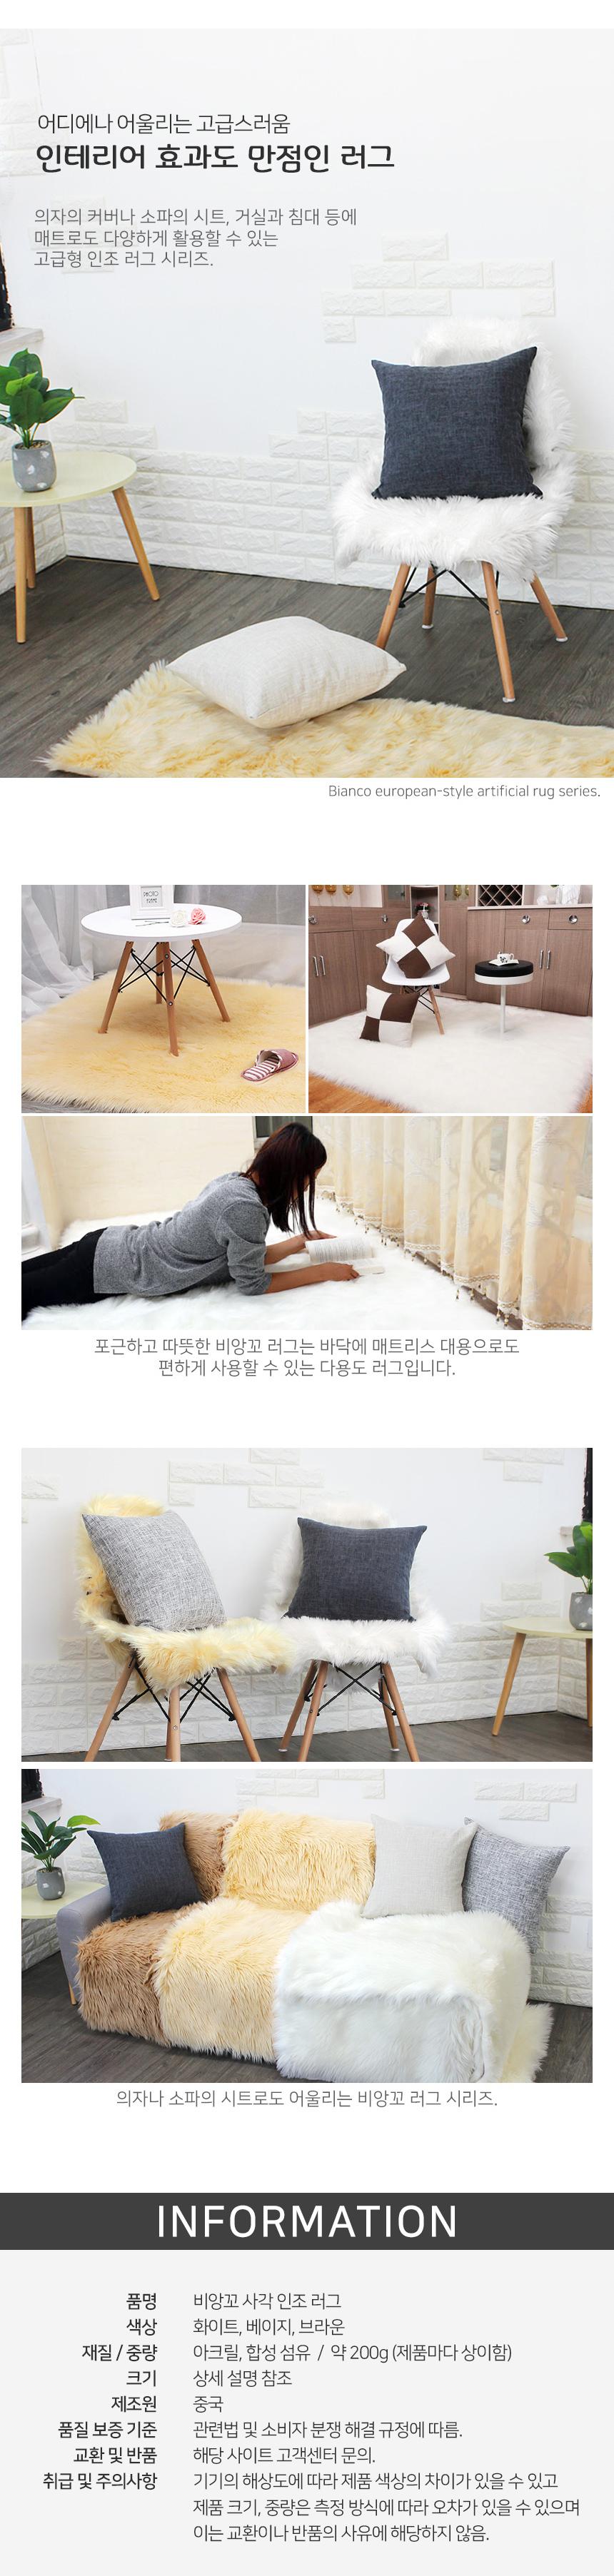 비앙꼬 사각 인조 양모러그 - 이펜시아, 38,300원, 디자인러그, 심플러그